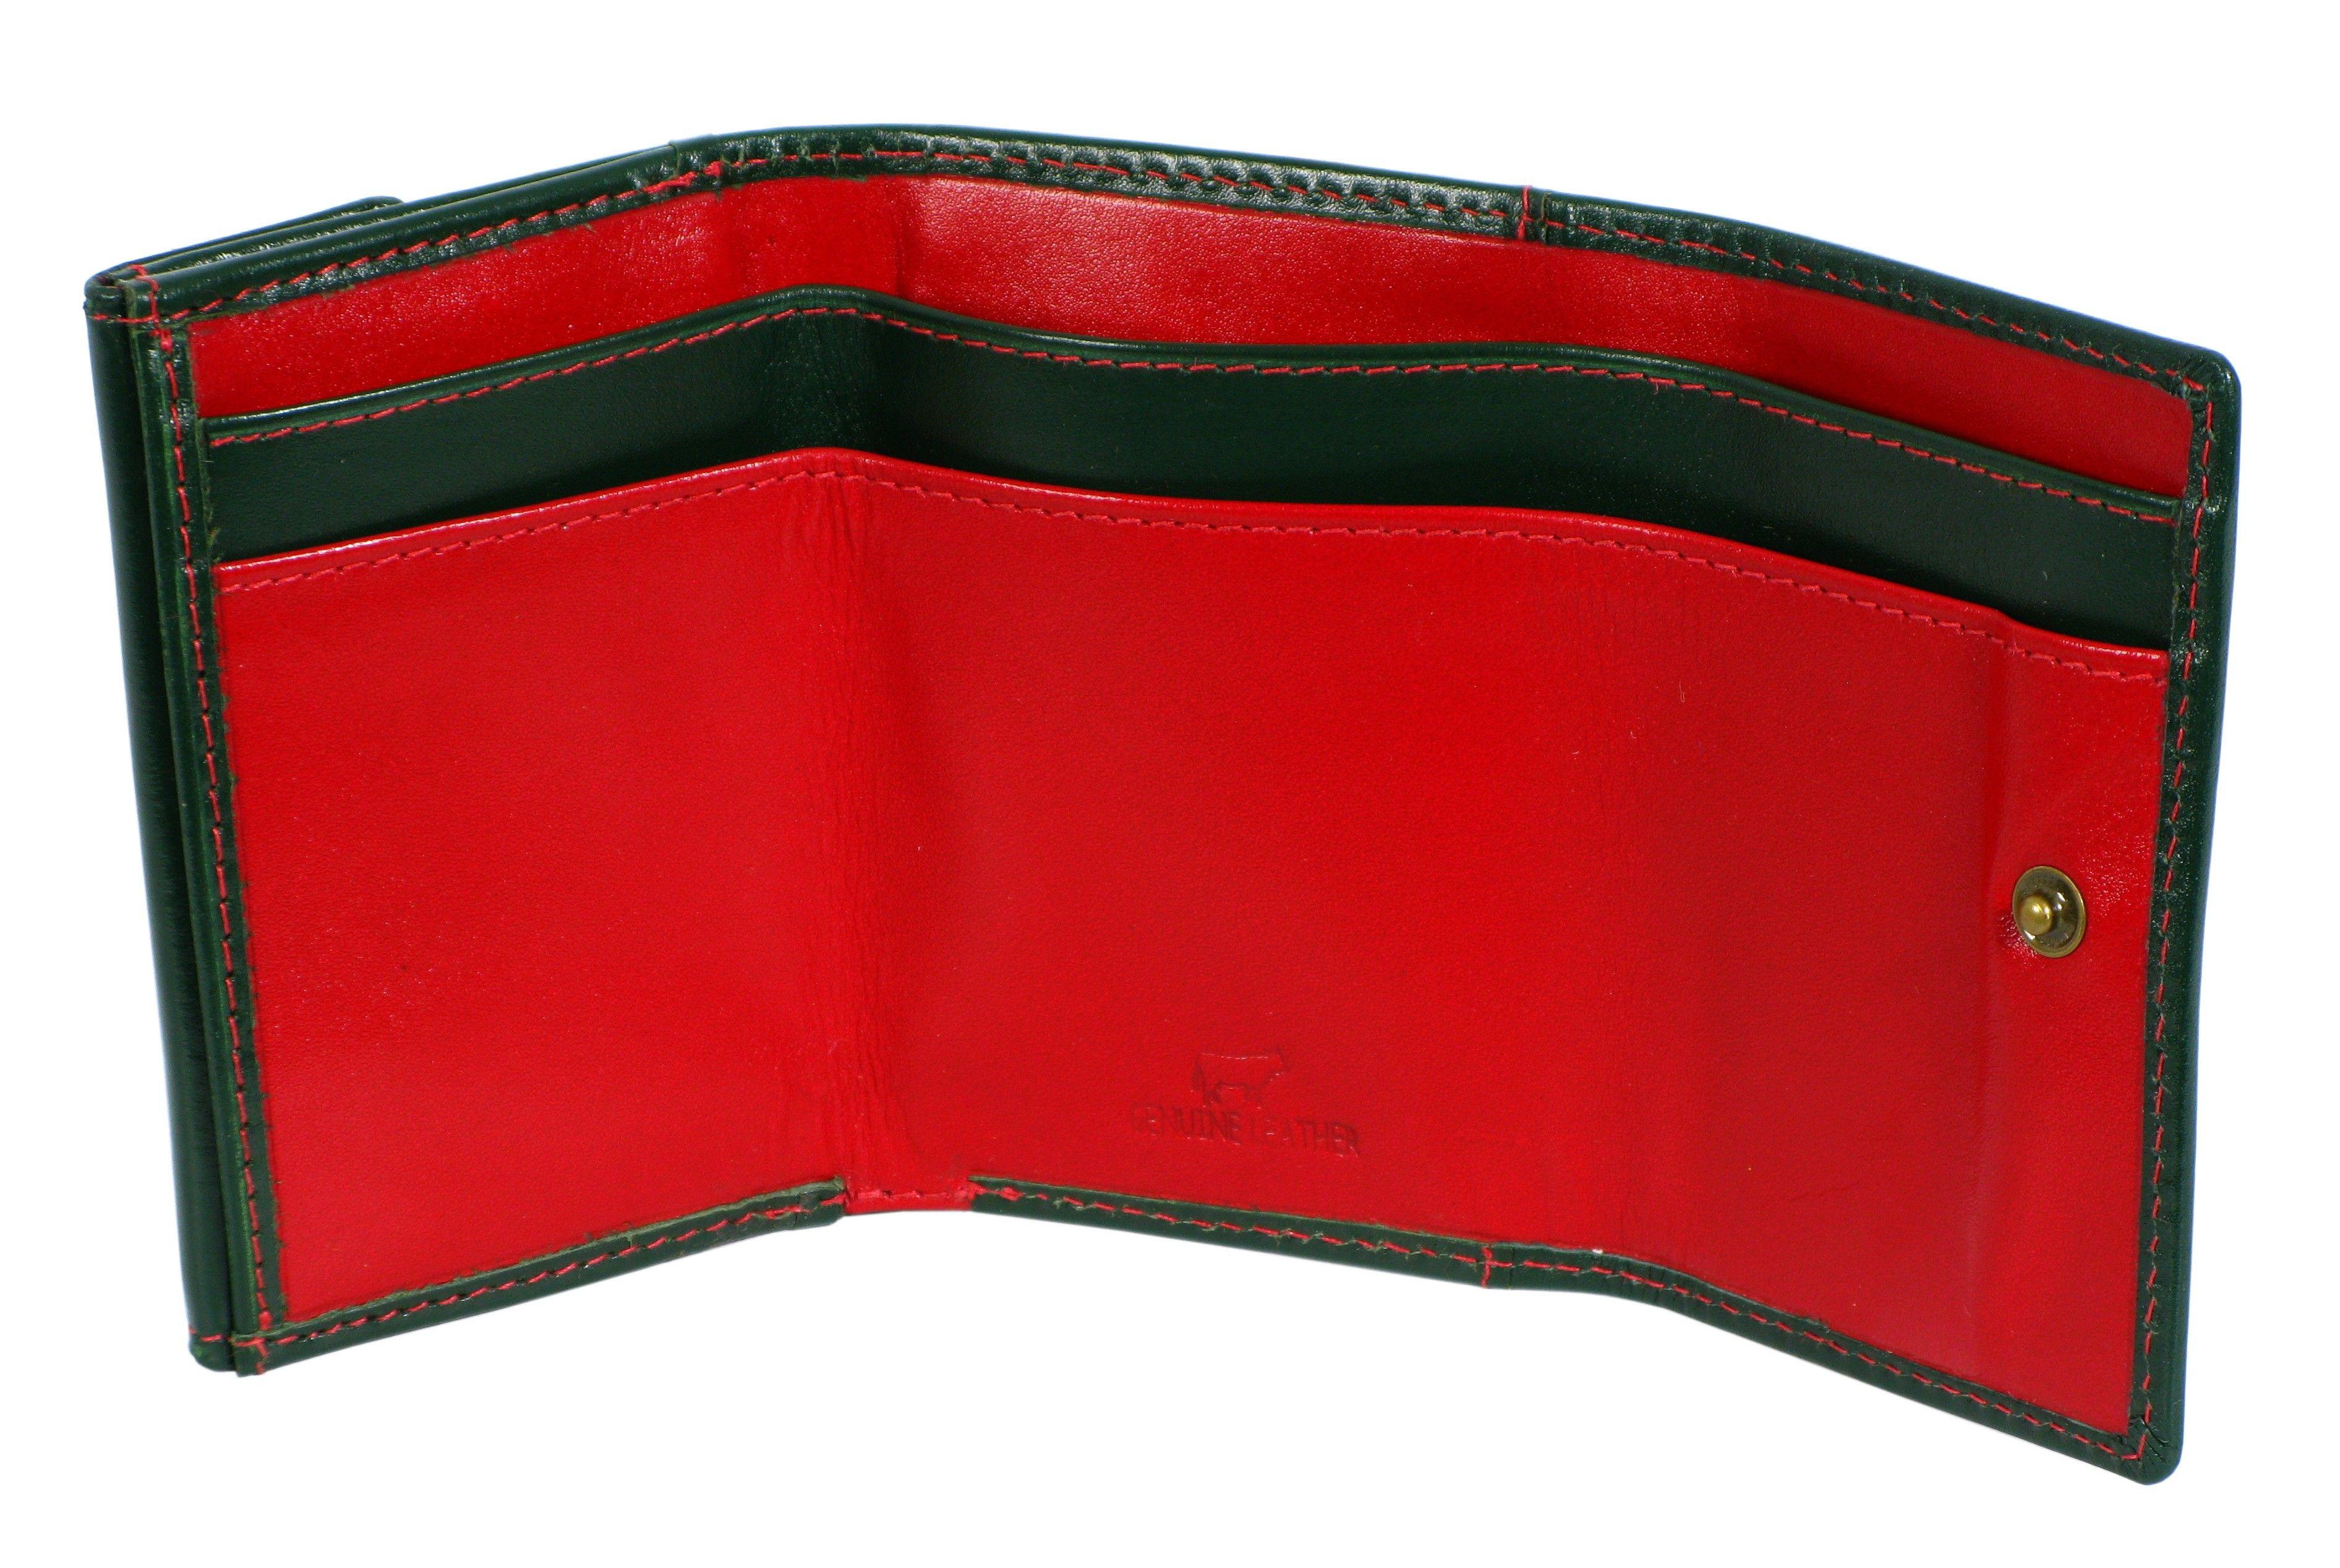 e1eb9739a3632 Mały portfel skórzany EL FOREST 855 czerwono zielony skóra ...